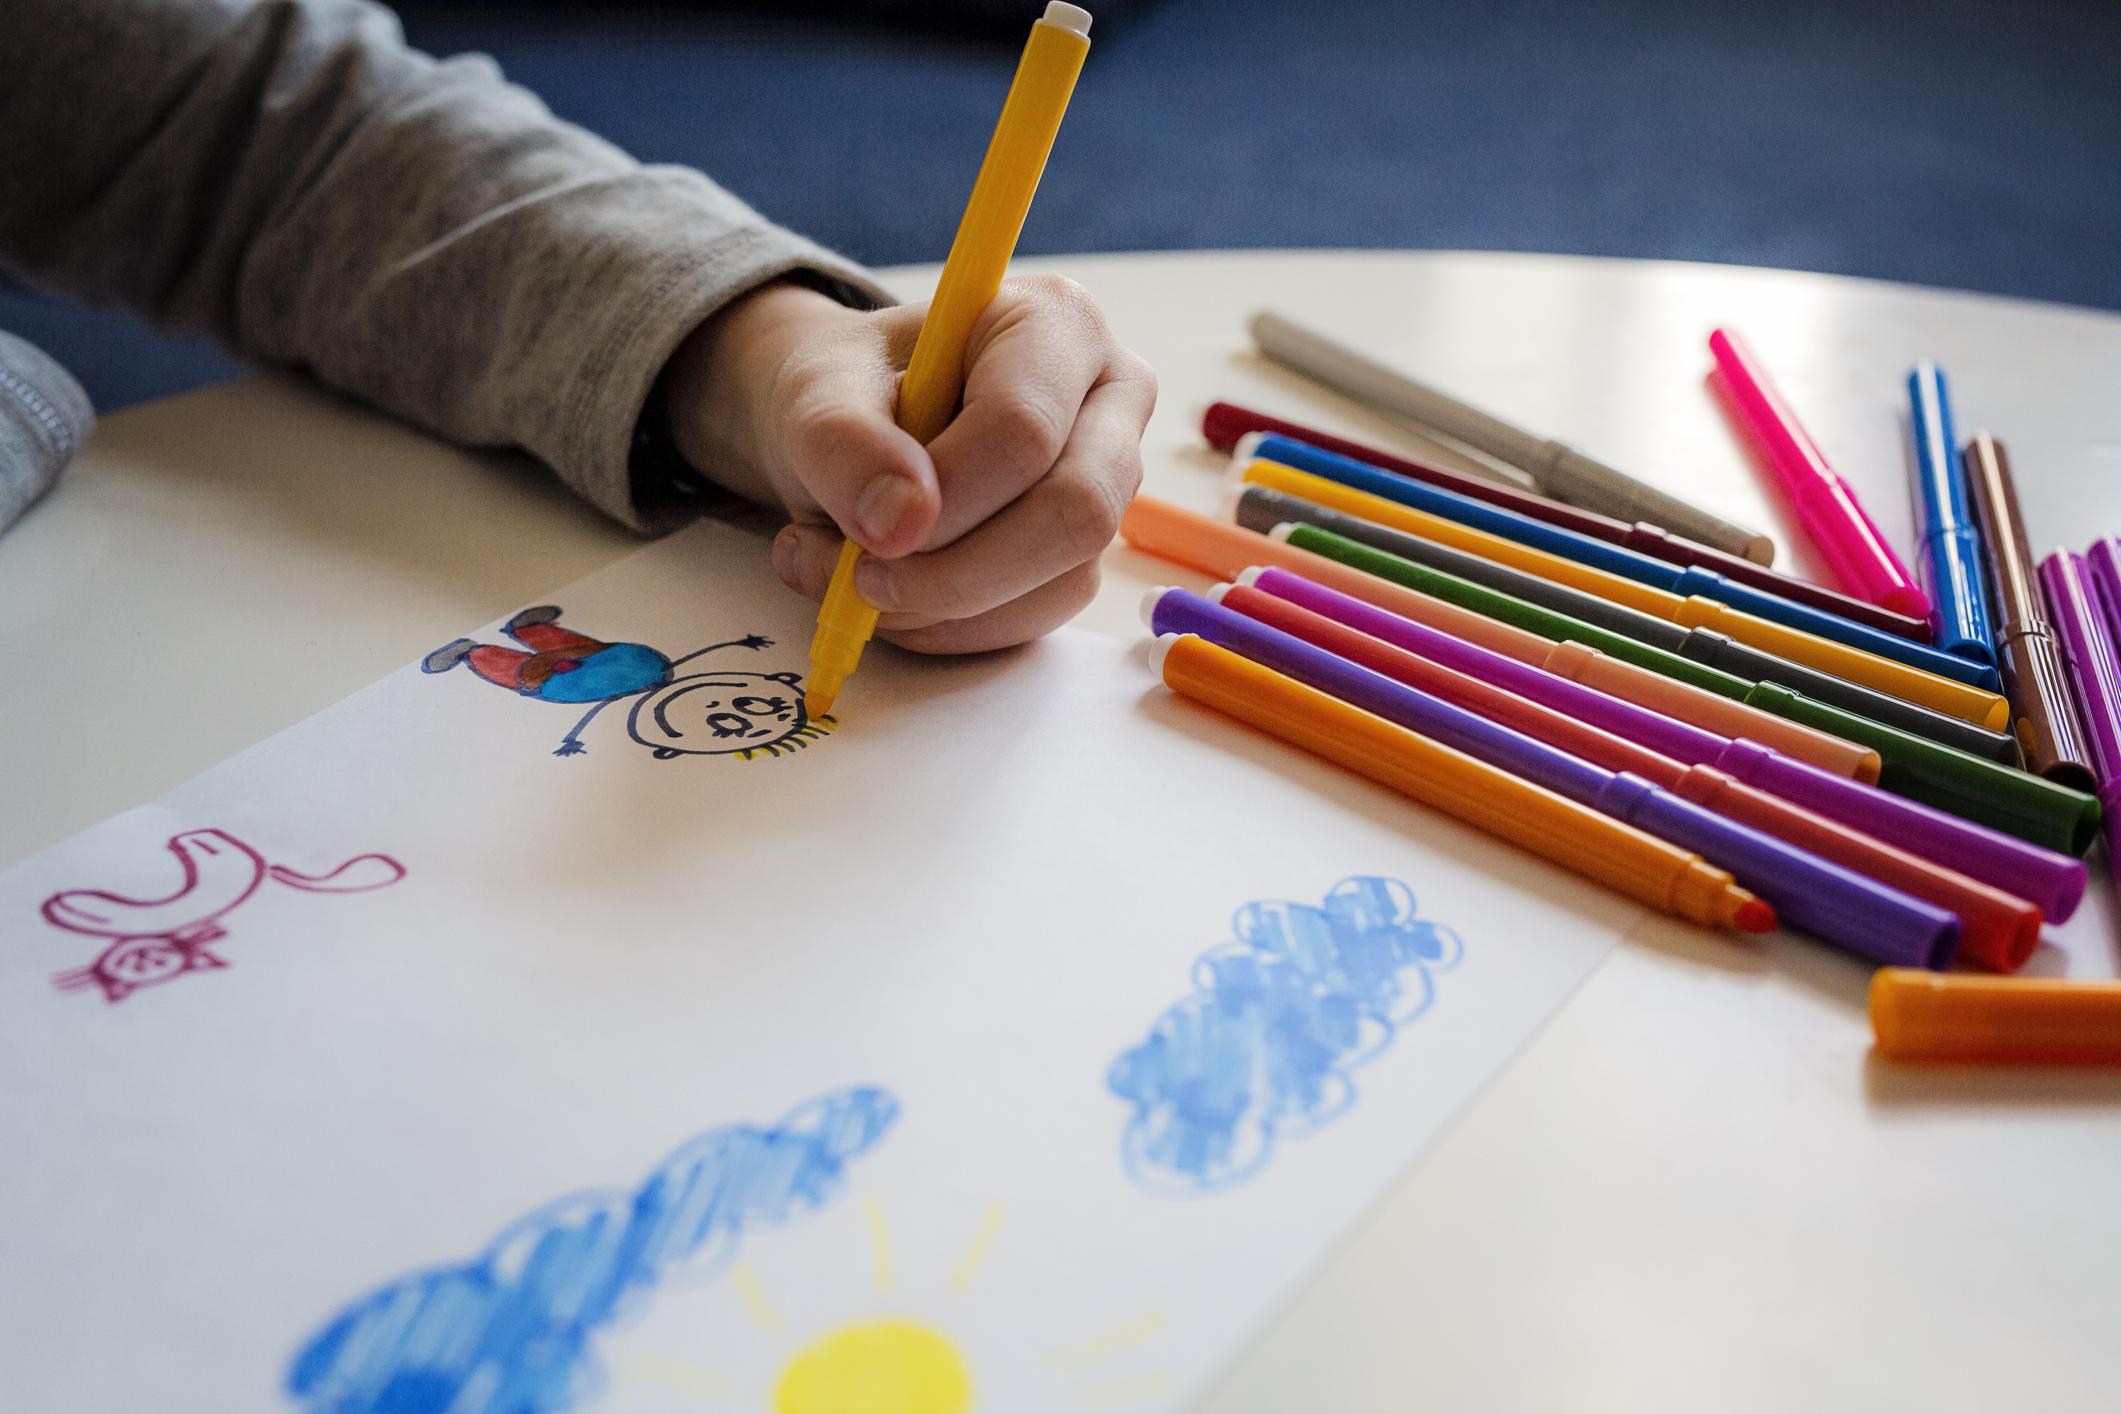 Șase copii cu handicap sever, de la un centru din Iași, confirmați cu Covid-19